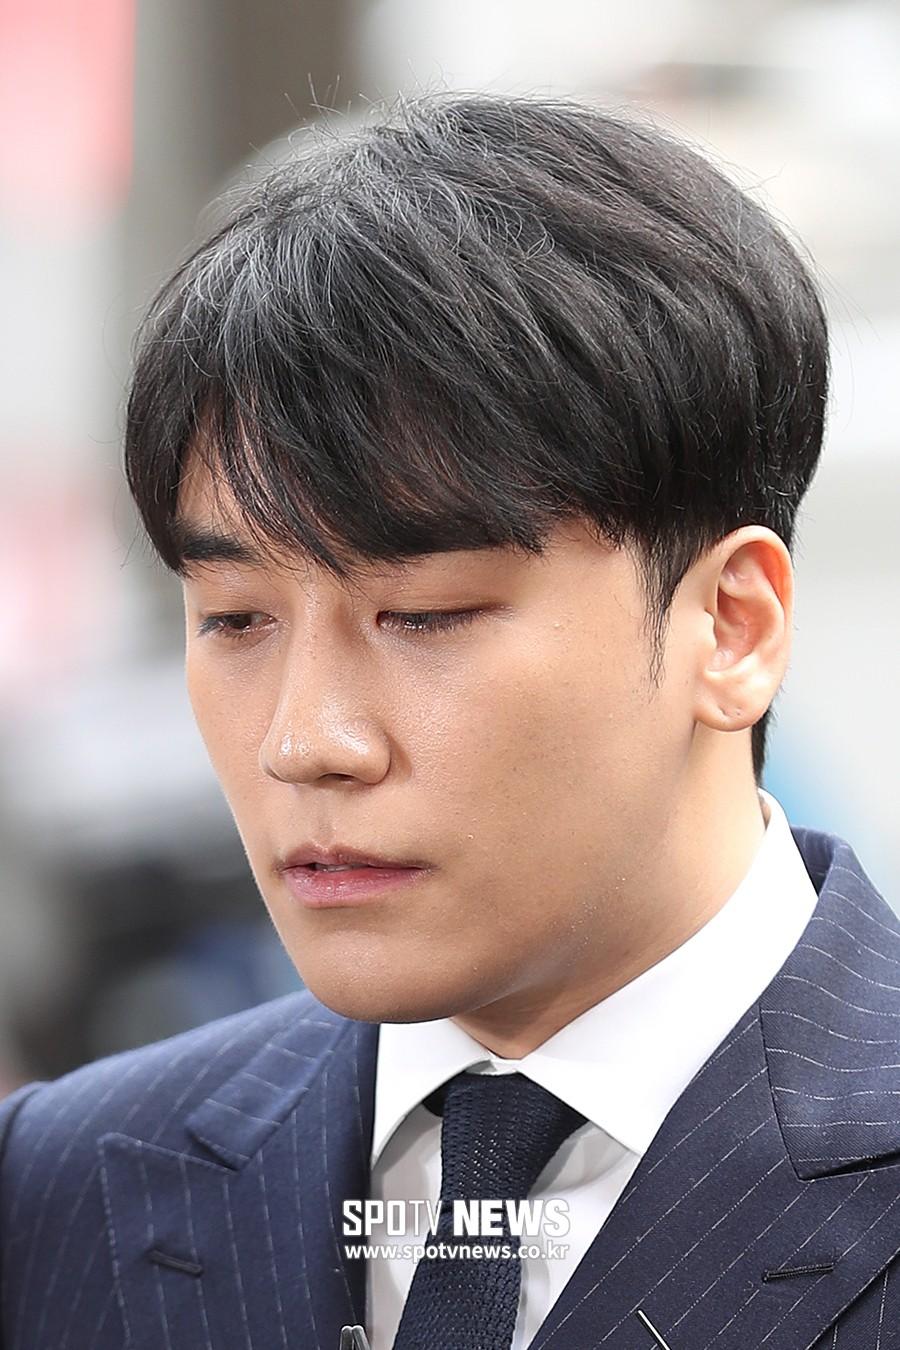 Clip Seungri chính thức trình diện để thẩm vấn: Vẫn đi xe sang nhưng tiều tuỵ hẳn, mắt đỏ rưng rưng xin lỗi nạn nhân - Ảnh 10.